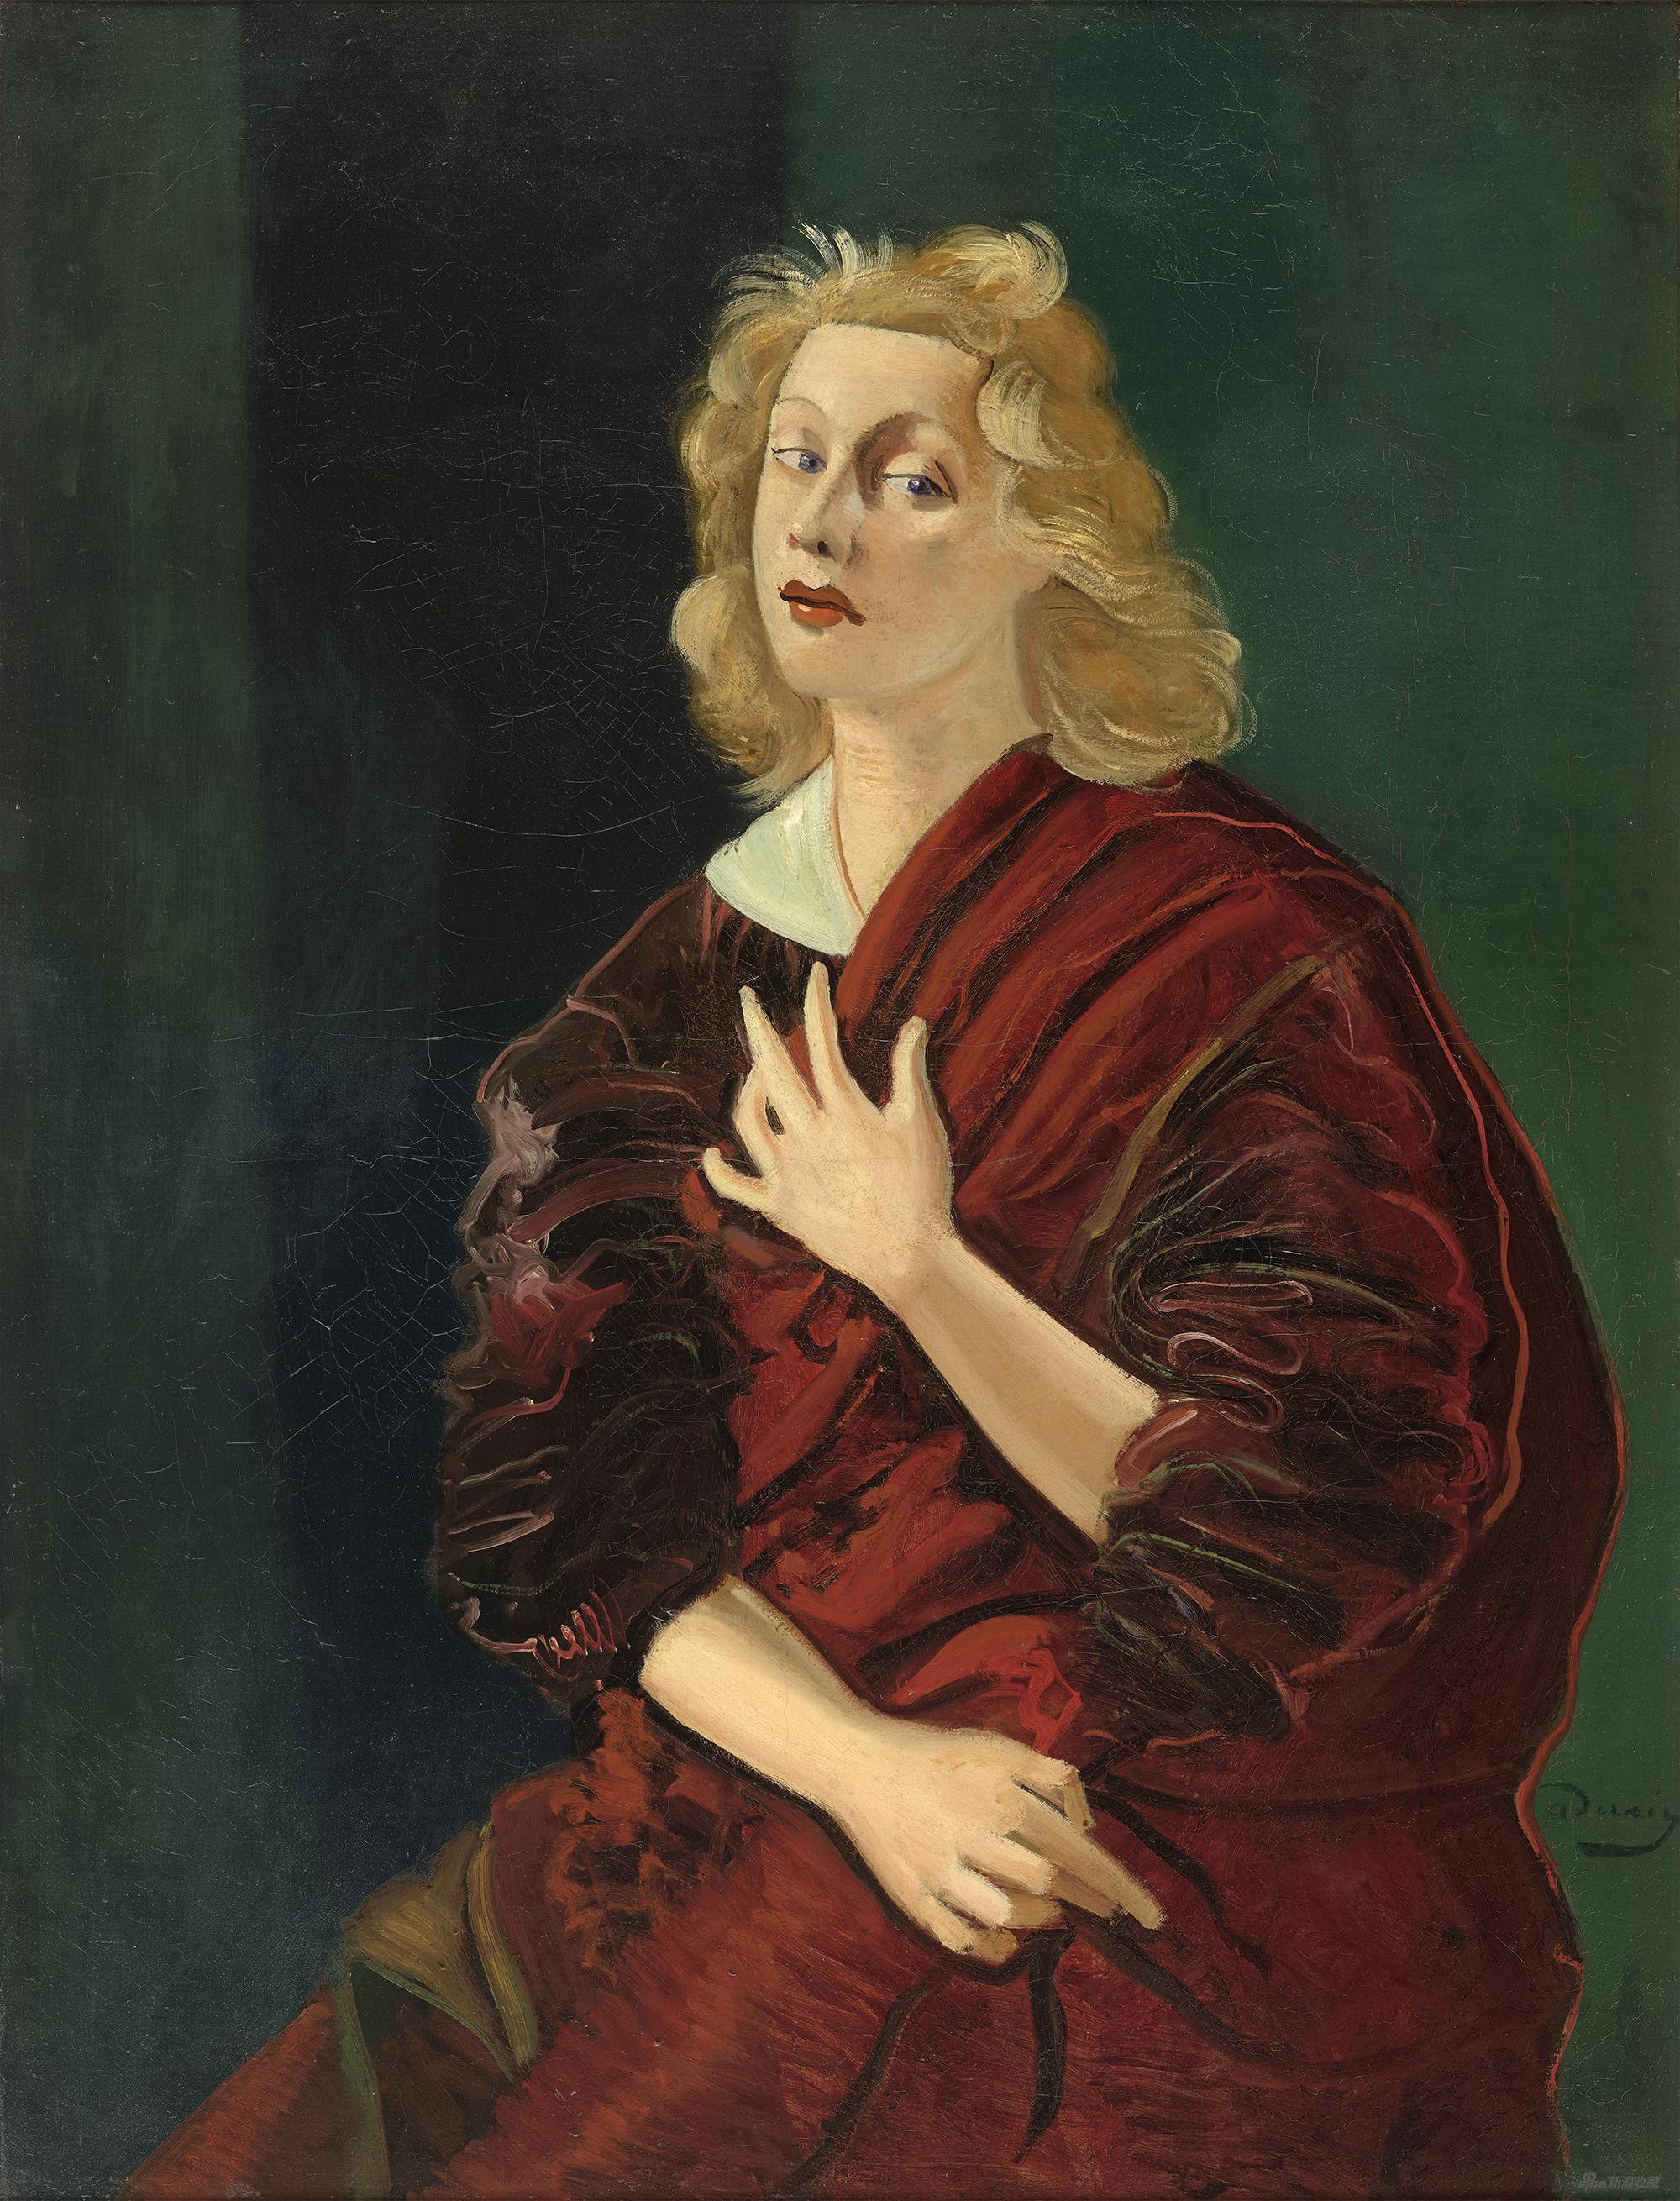 阿布迪亚夫人肖像,安德烈·德朗,布面油画,116×89cm,1934-1937年